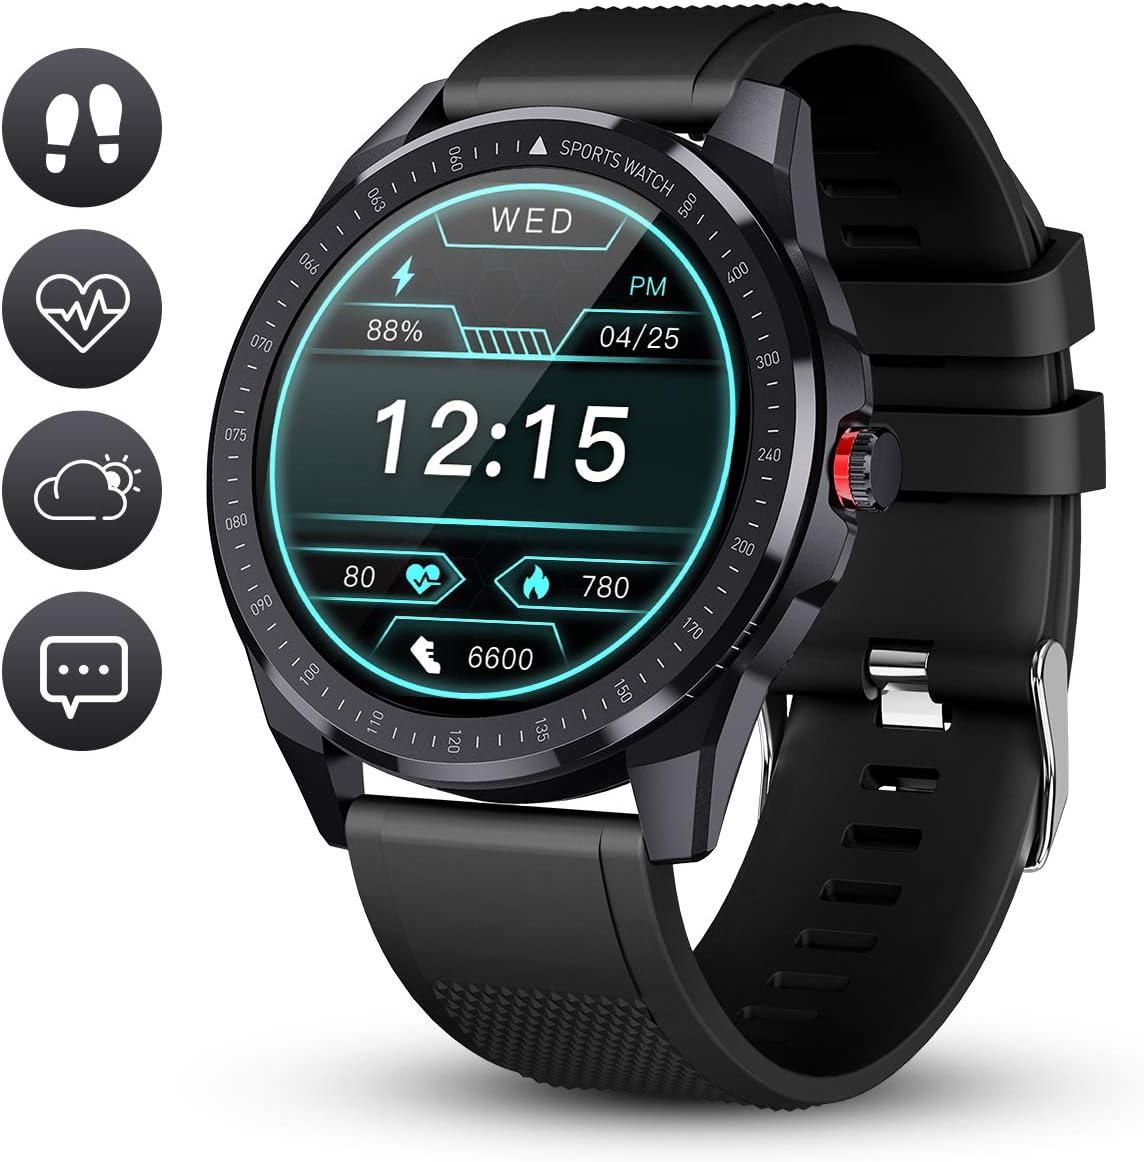 GOKOO Reloj Inteligente Hombre Smartwatch Deportivo Rastreador Actividad Reloj Inteligente Pantalla Táctil Completa Entrenamiento Respiratorio IP68 Impermeable Compatible con Android iOS (Negro)